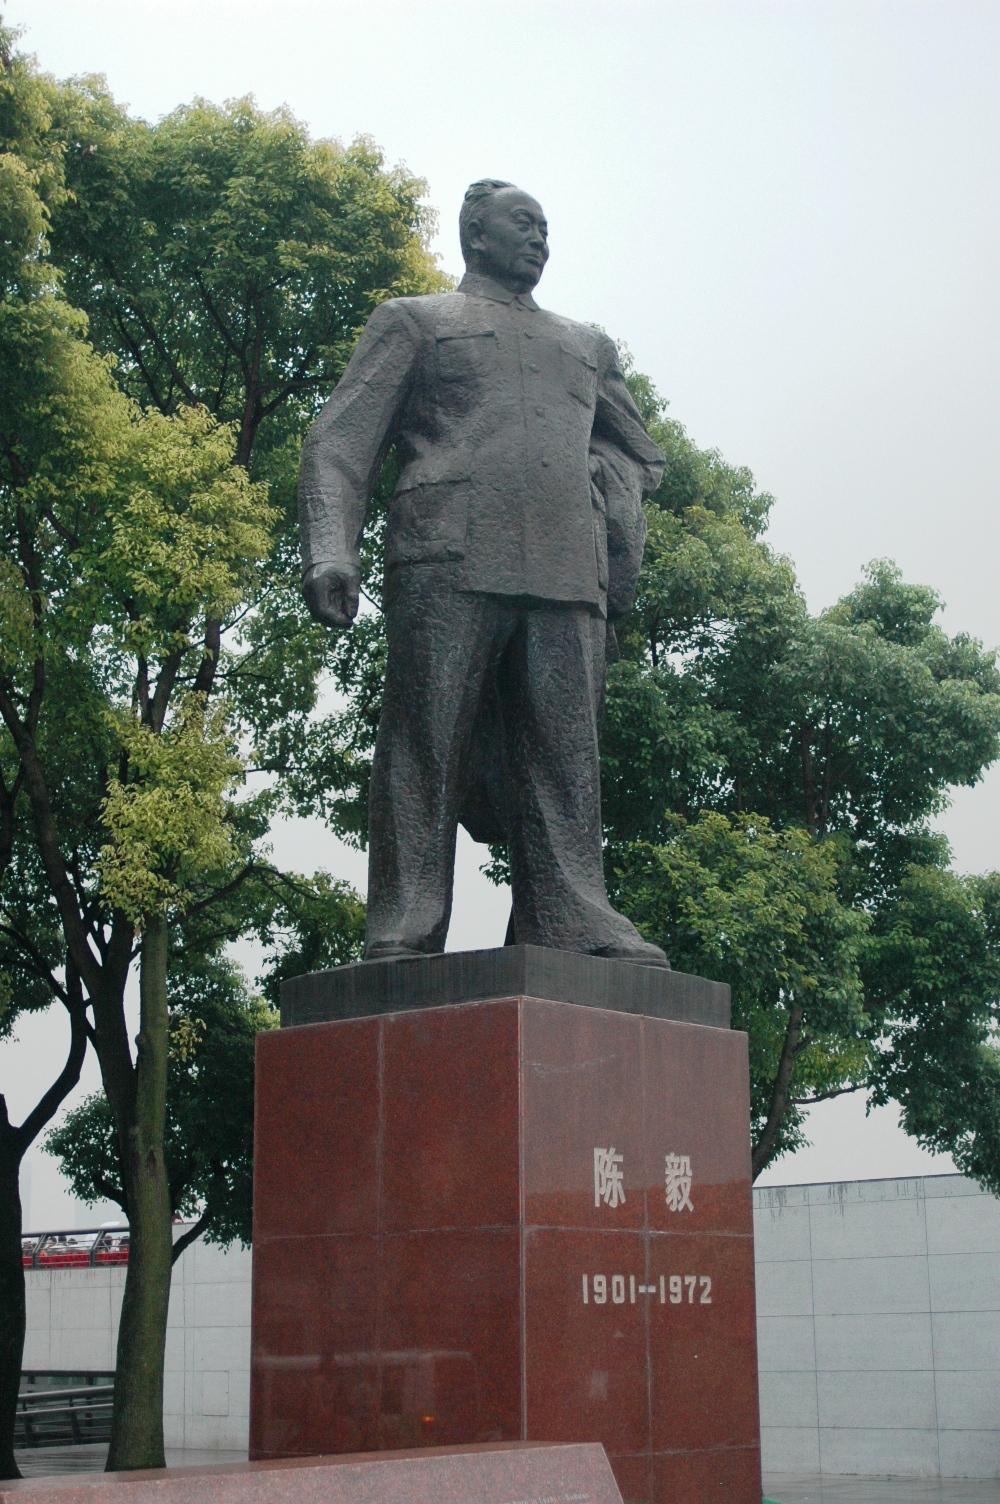 2012年10月22日: 上海外滩 陈毅雕像